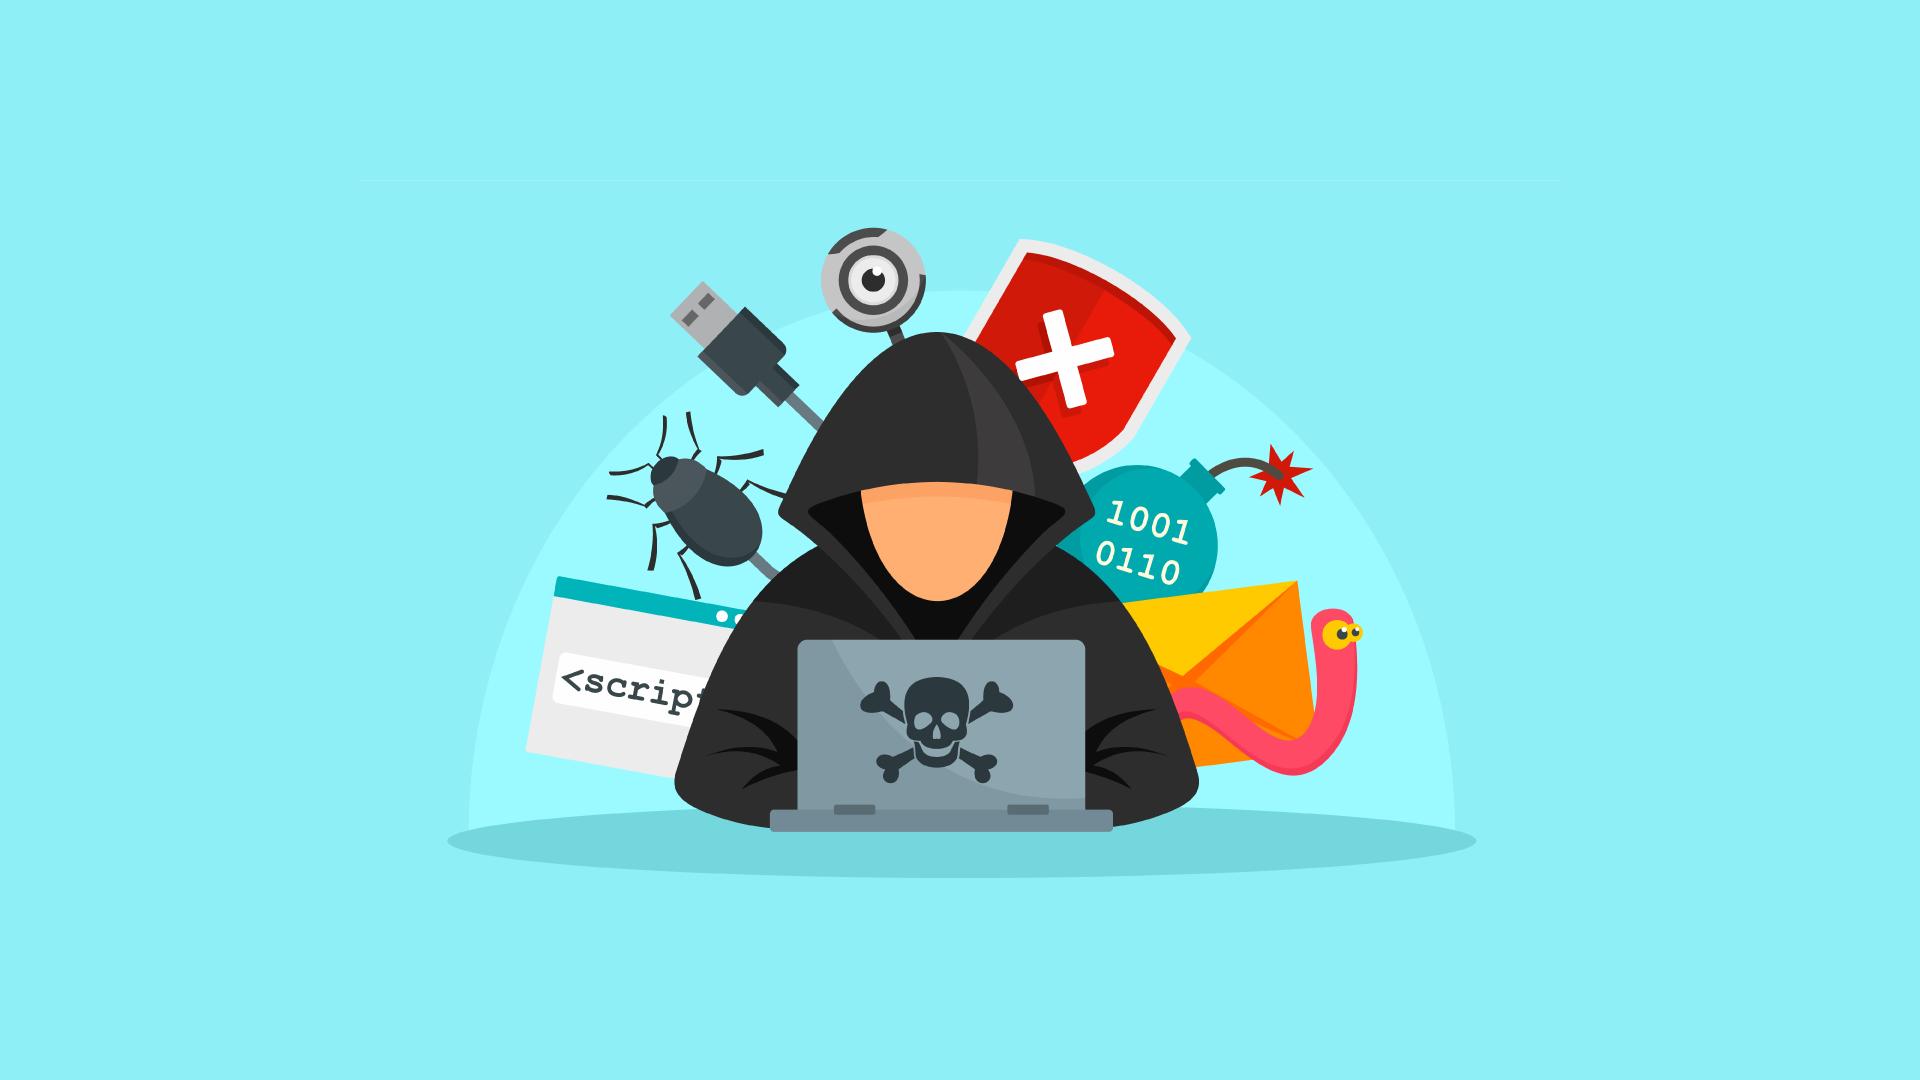 Violati degli account di Houseparty: a rischio credenziali e